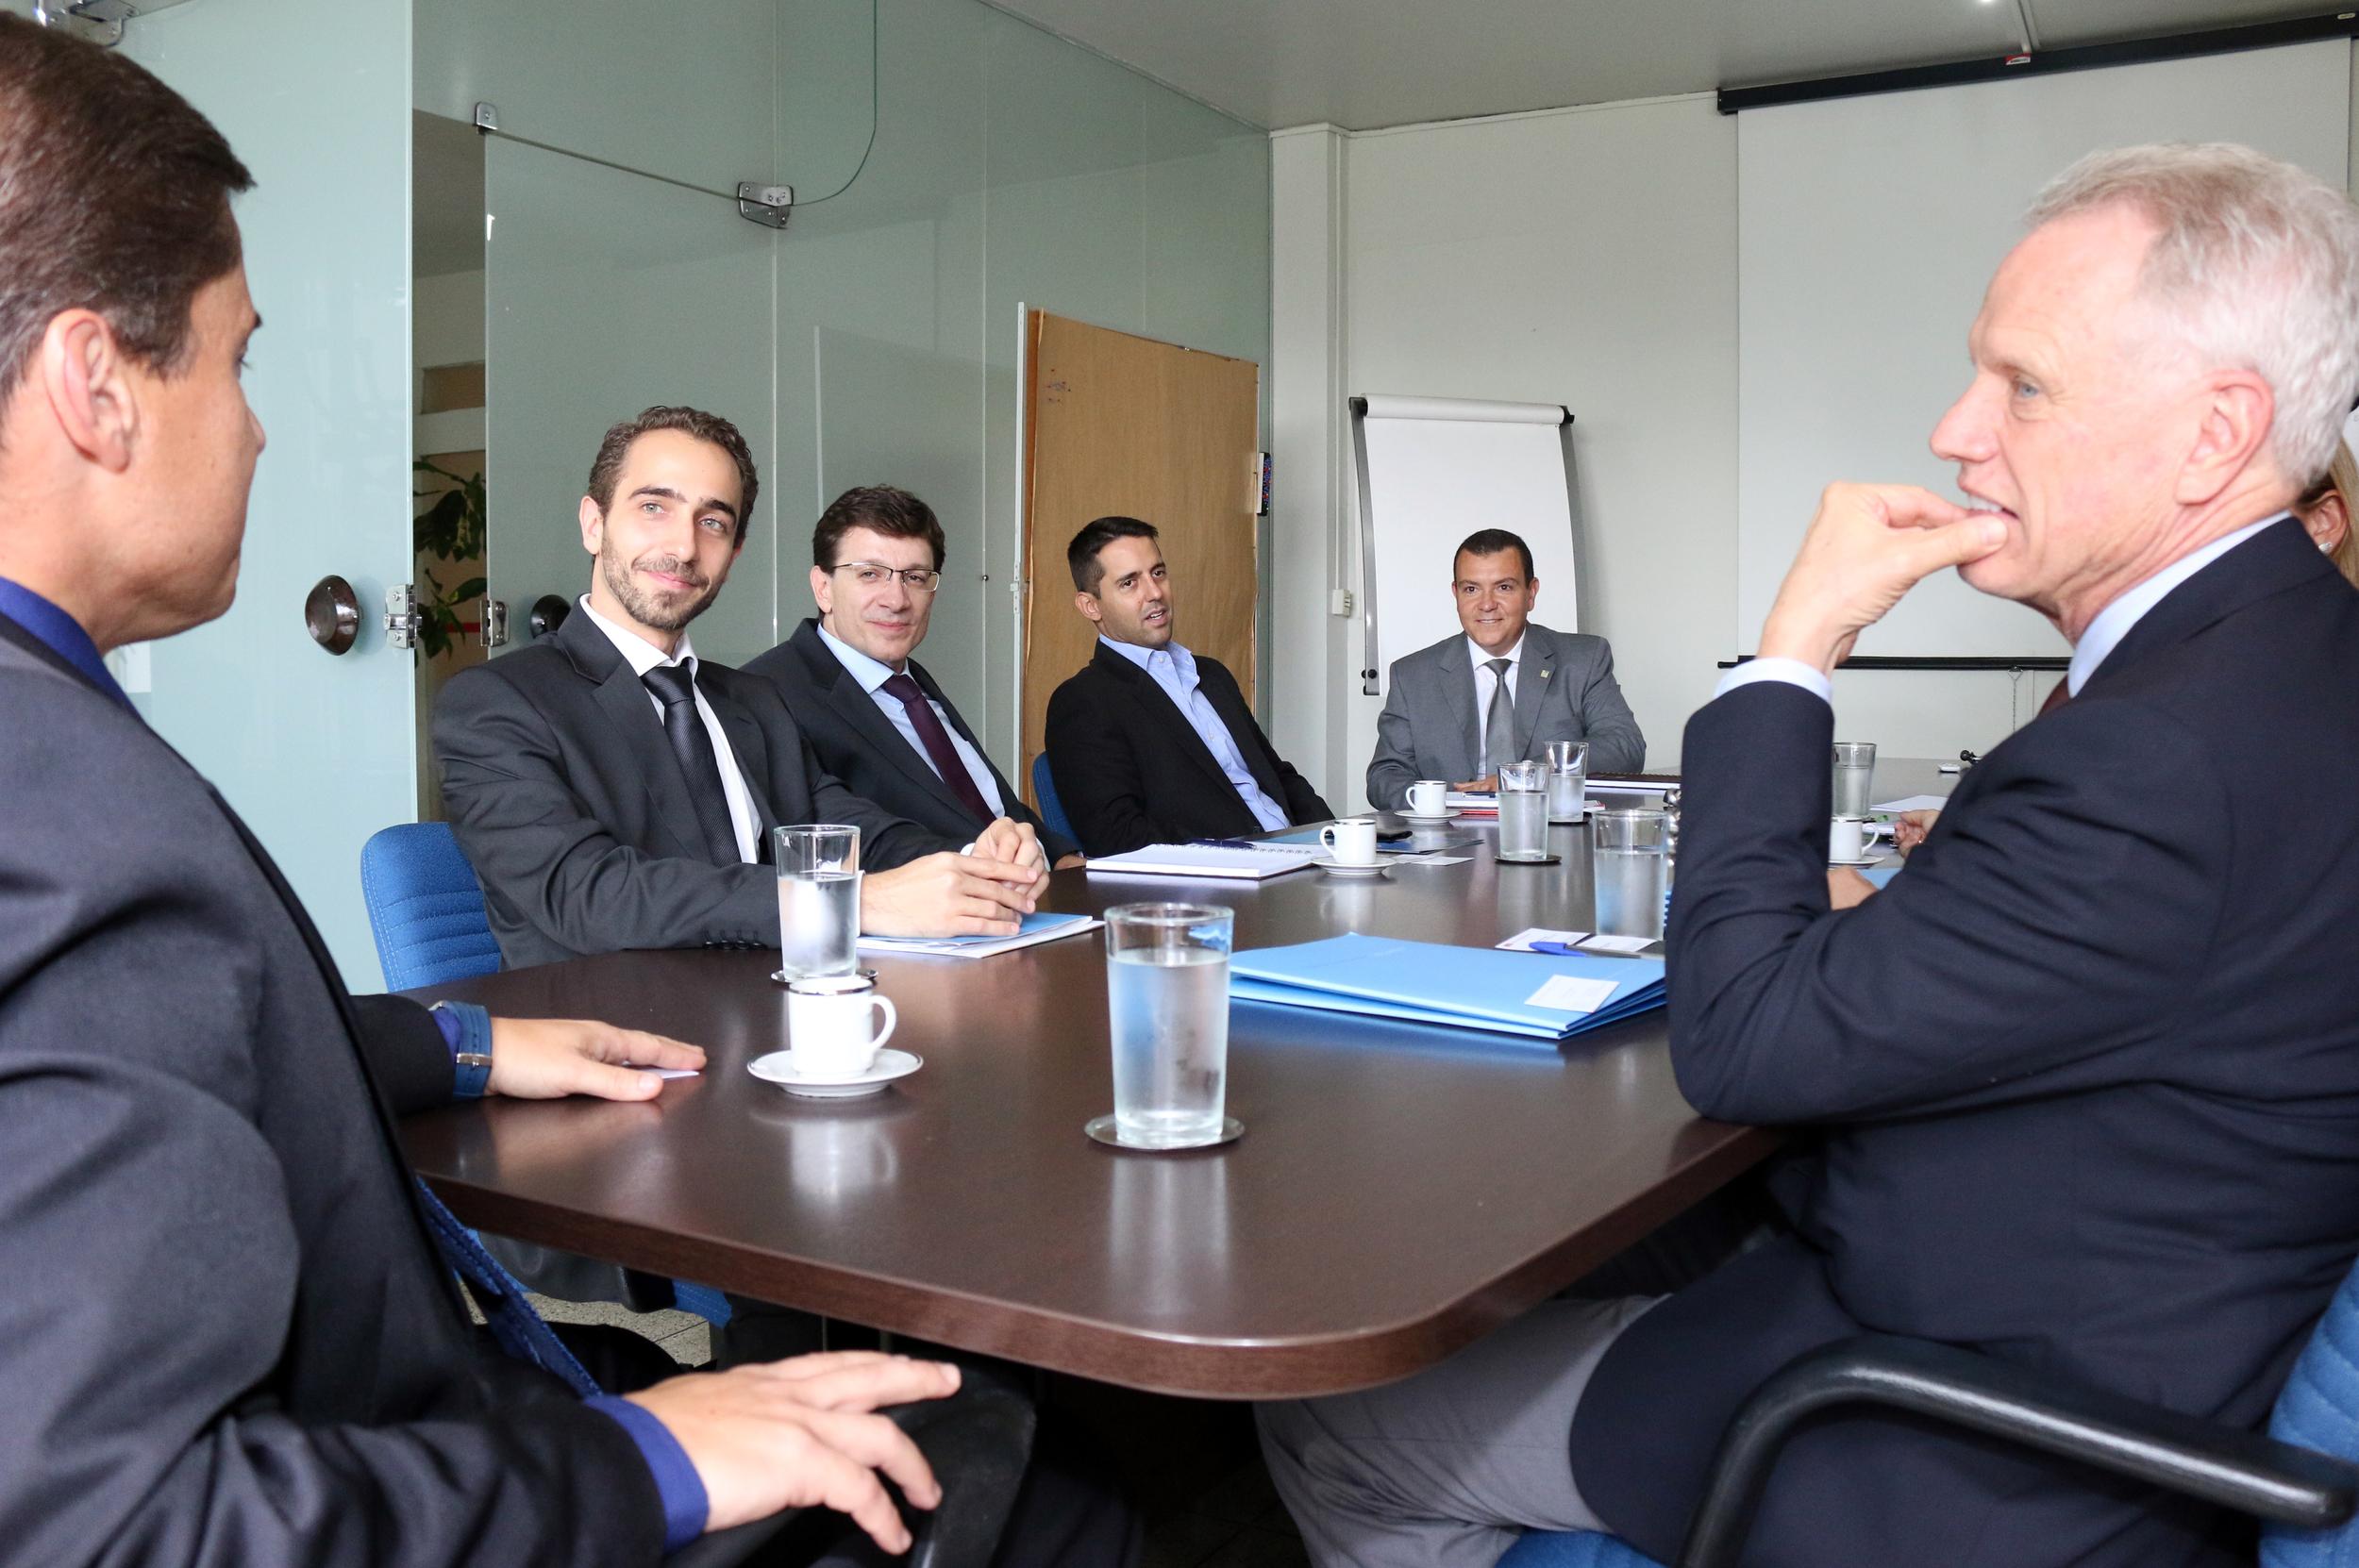 Encontro auspicioso foi realizado no gabinete da Presidência da ENAP